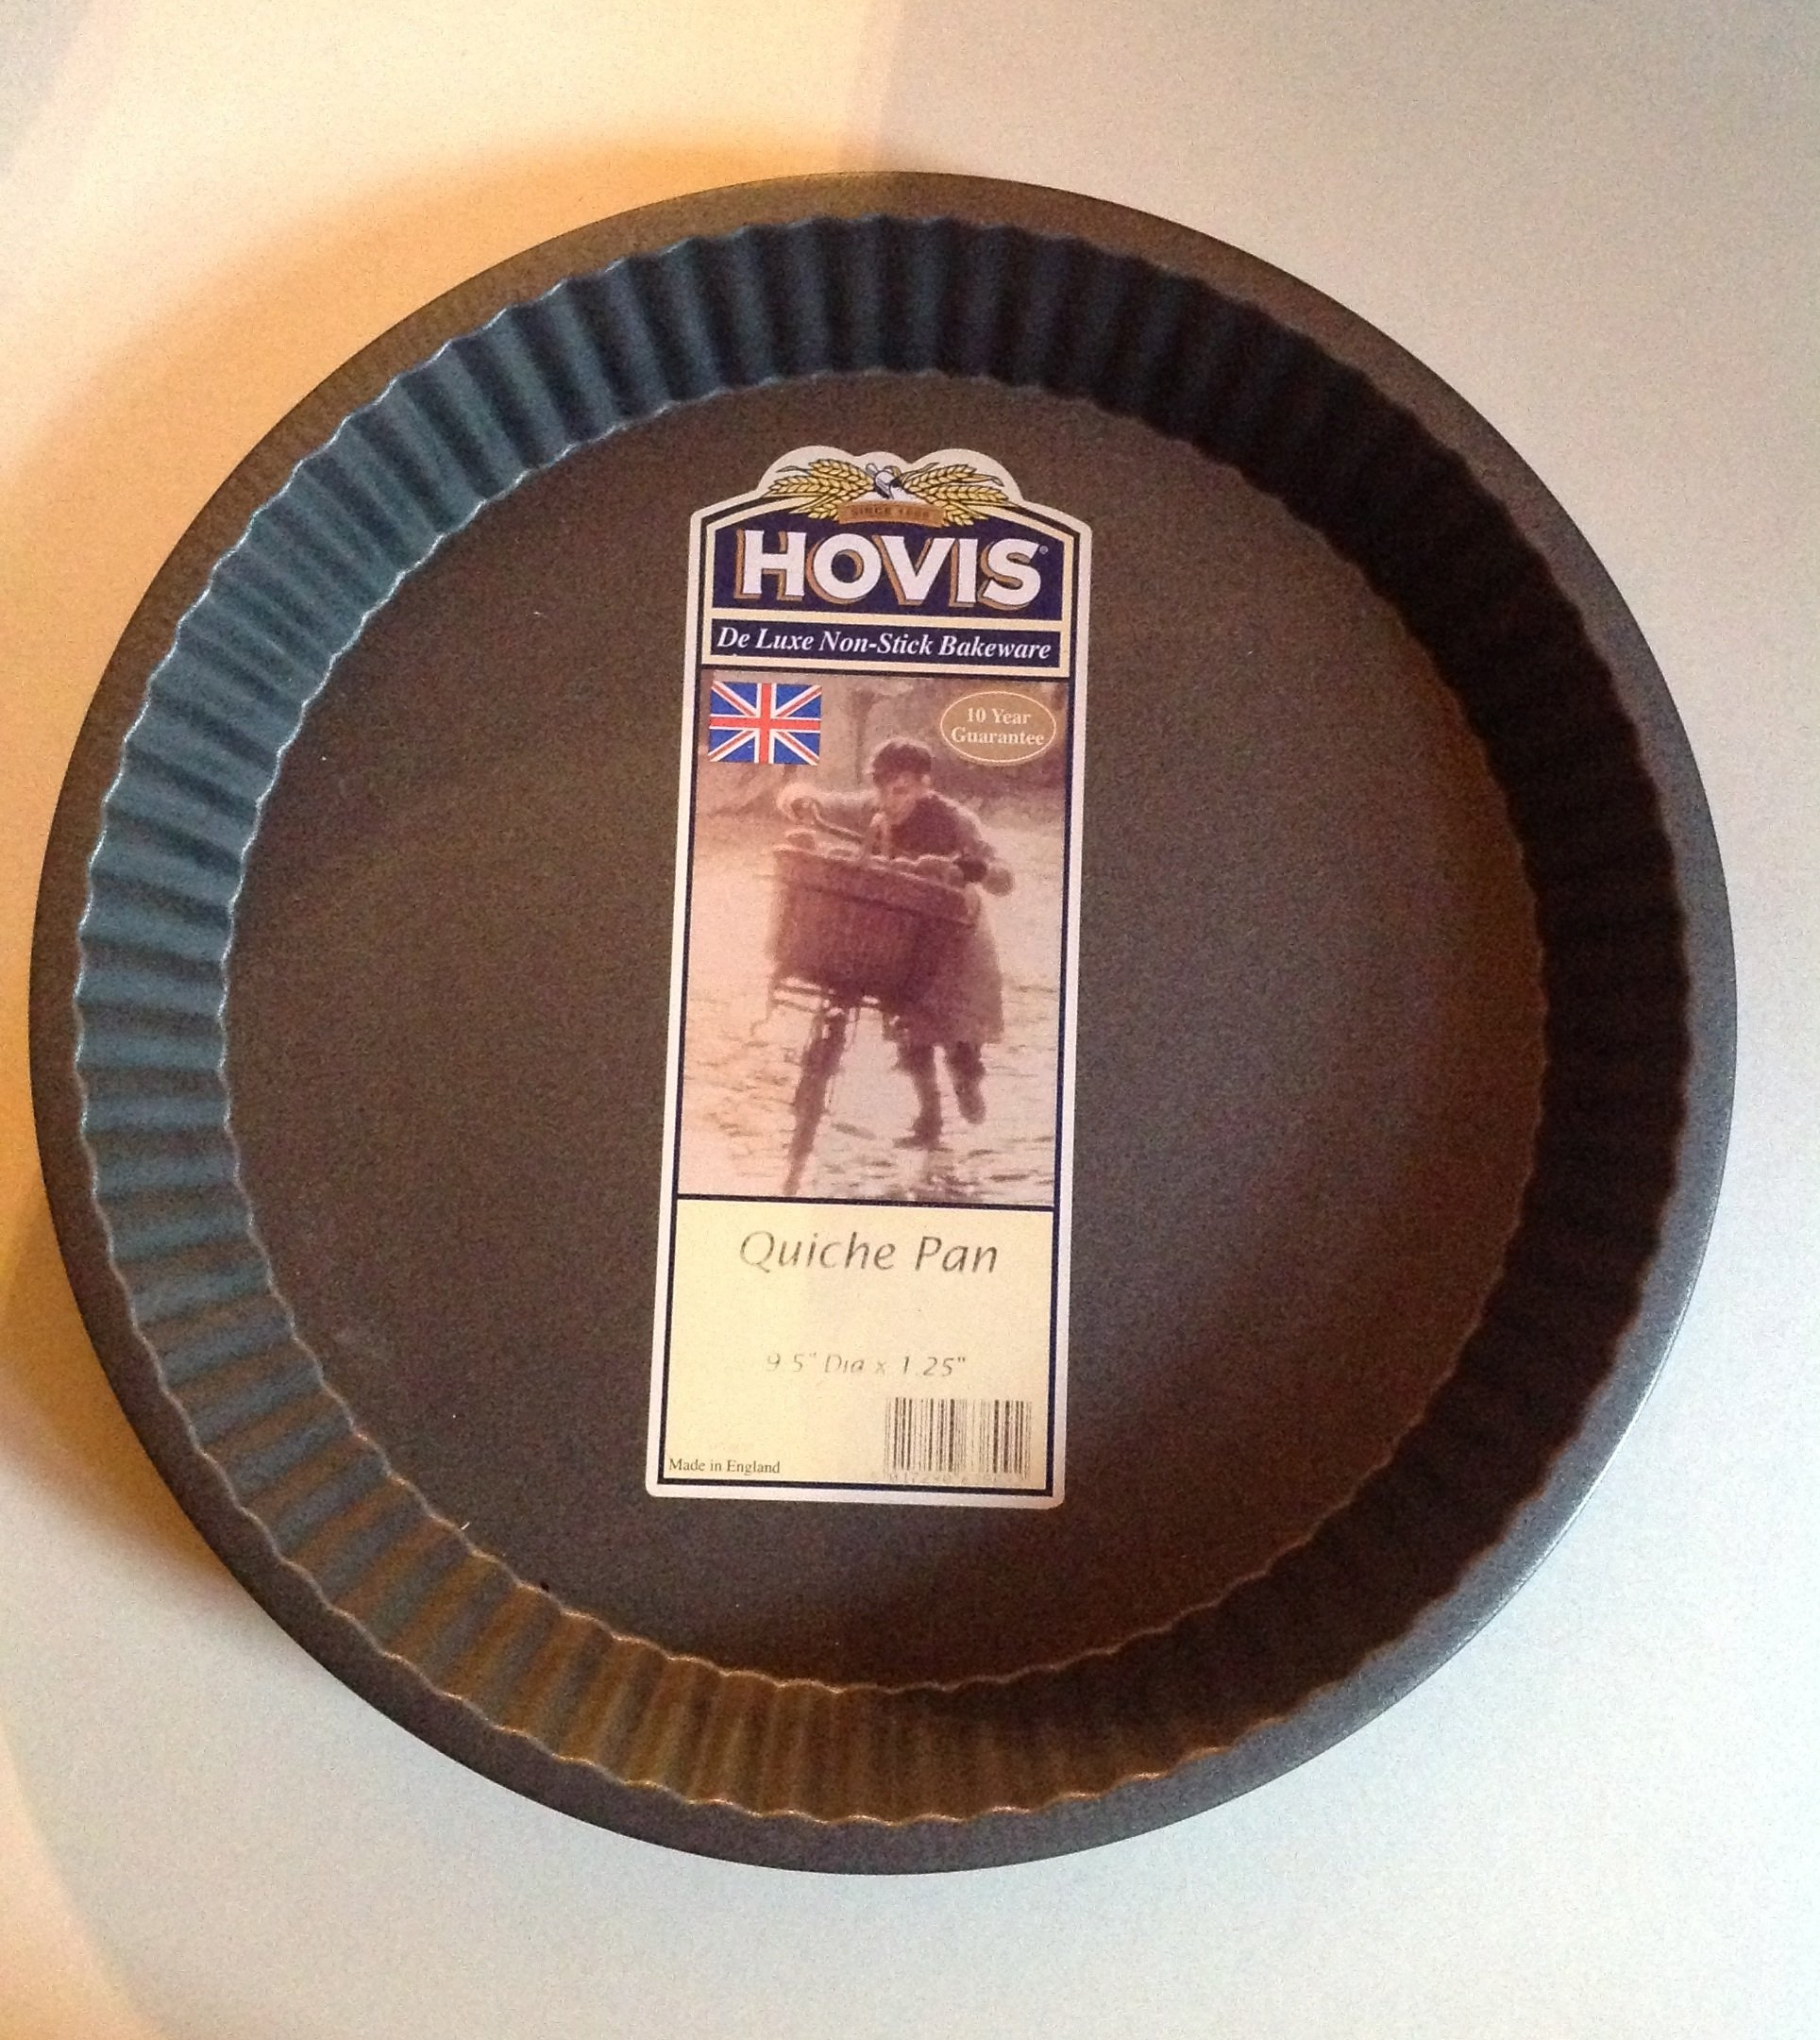 Hovis Deluxe Nonstick Bakeware Quiche Pan